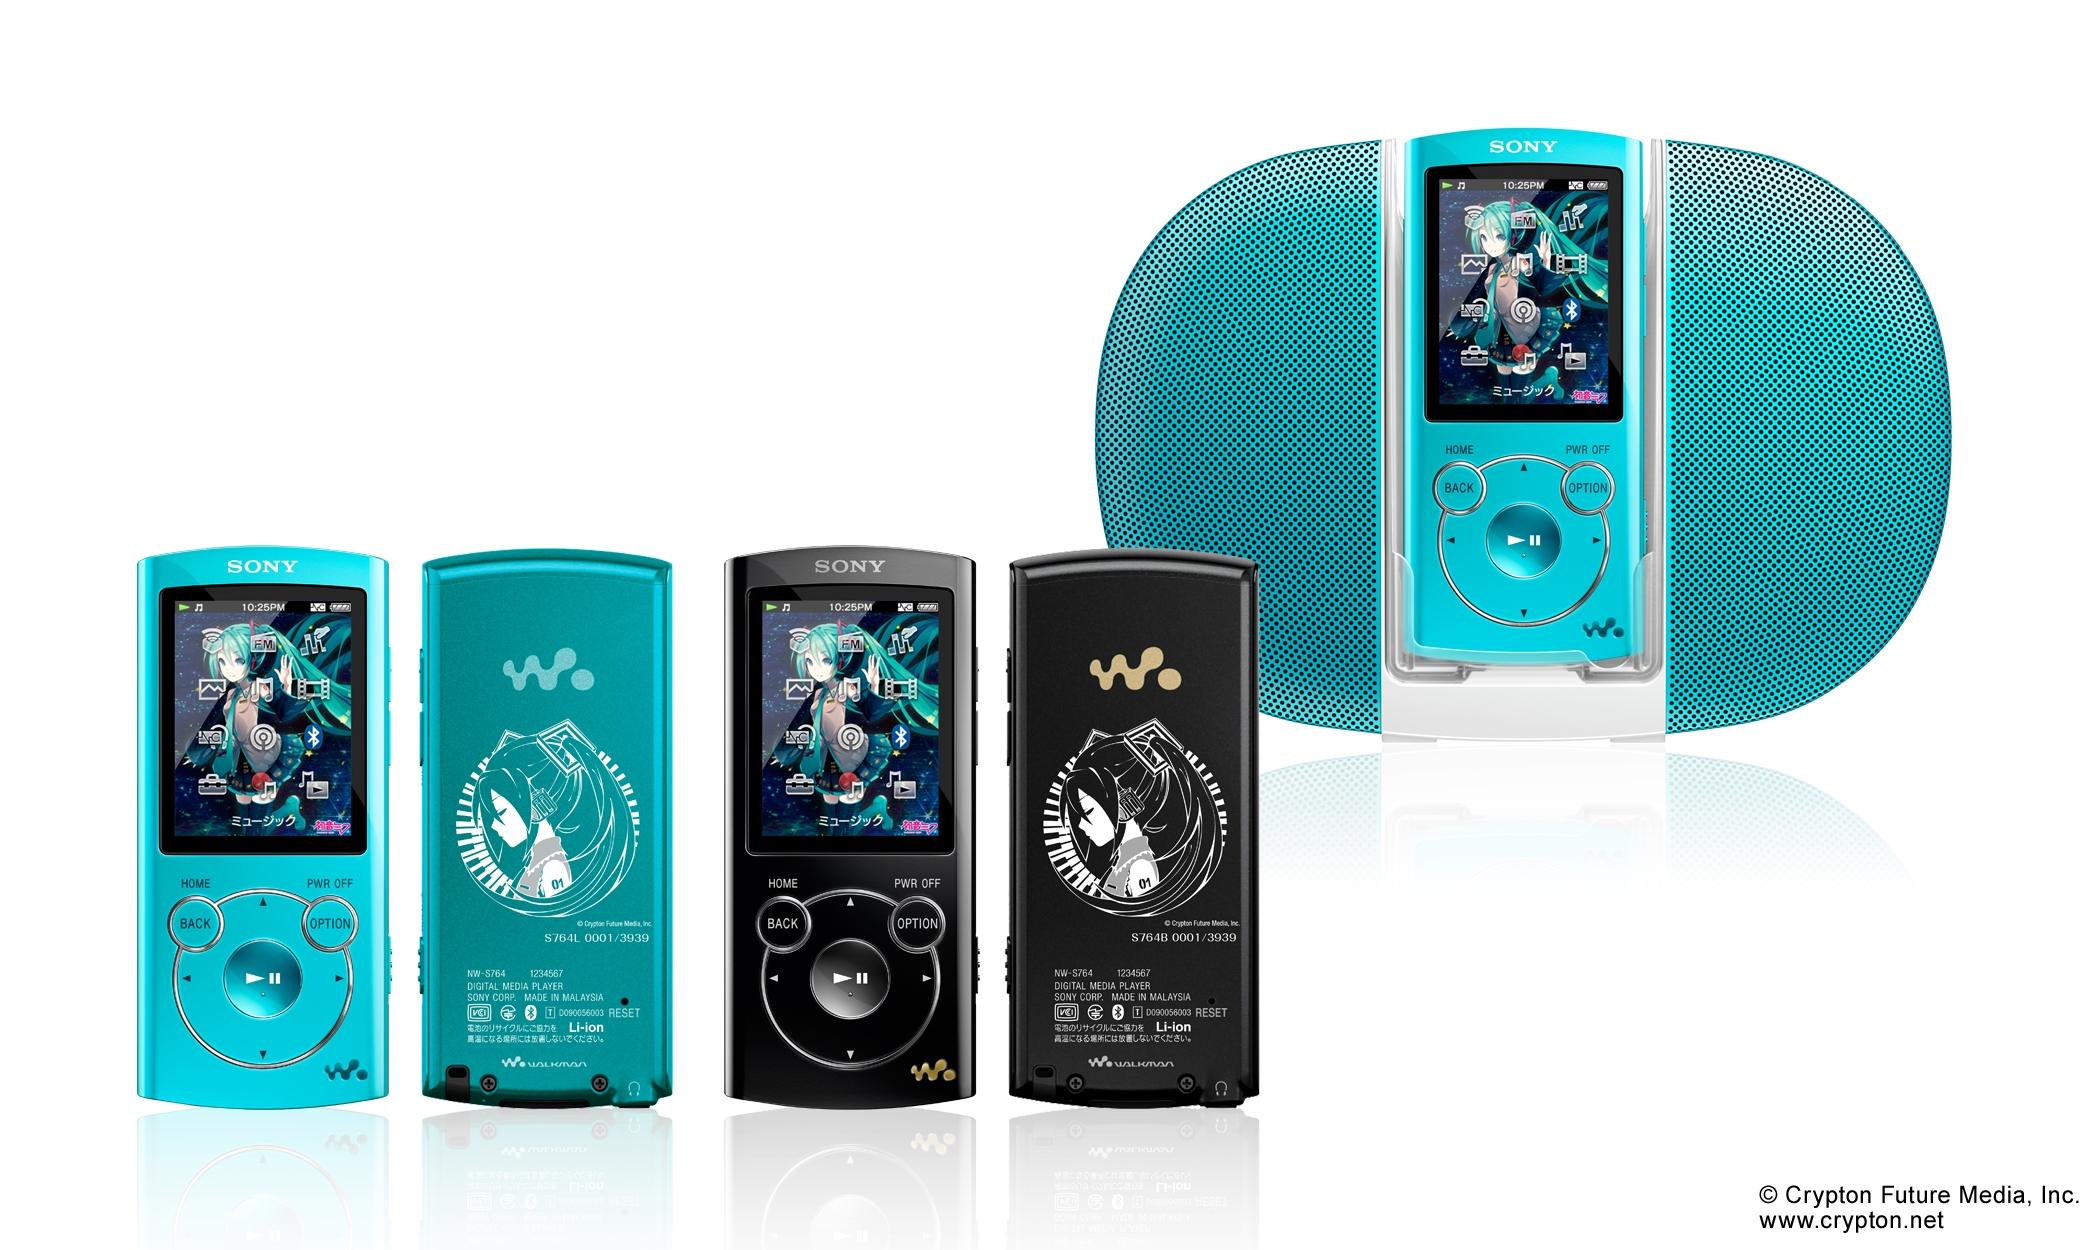 ウォークマン Sシリーズ 初音ミク生誕5周年記念モデル 限定販売決定 ソニーマーケティング株式会社のプレスリリース